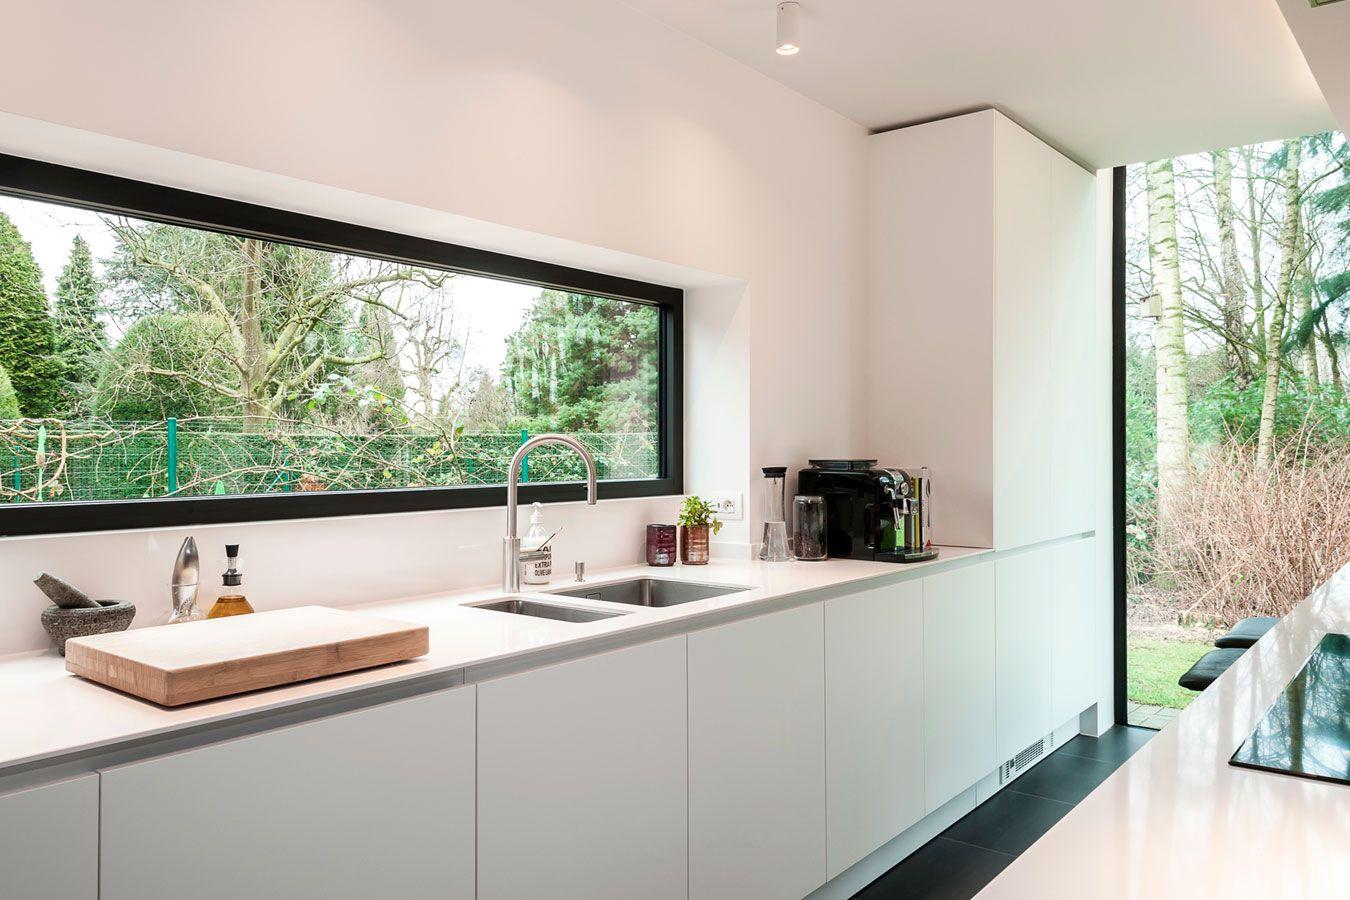 Realisaties   De keukenarchitecten, Keukenarchitect, Keuken, Keukens, Antwerpen, Denderleeuw, Halle, Hedendaags keuken, Moderne keuken